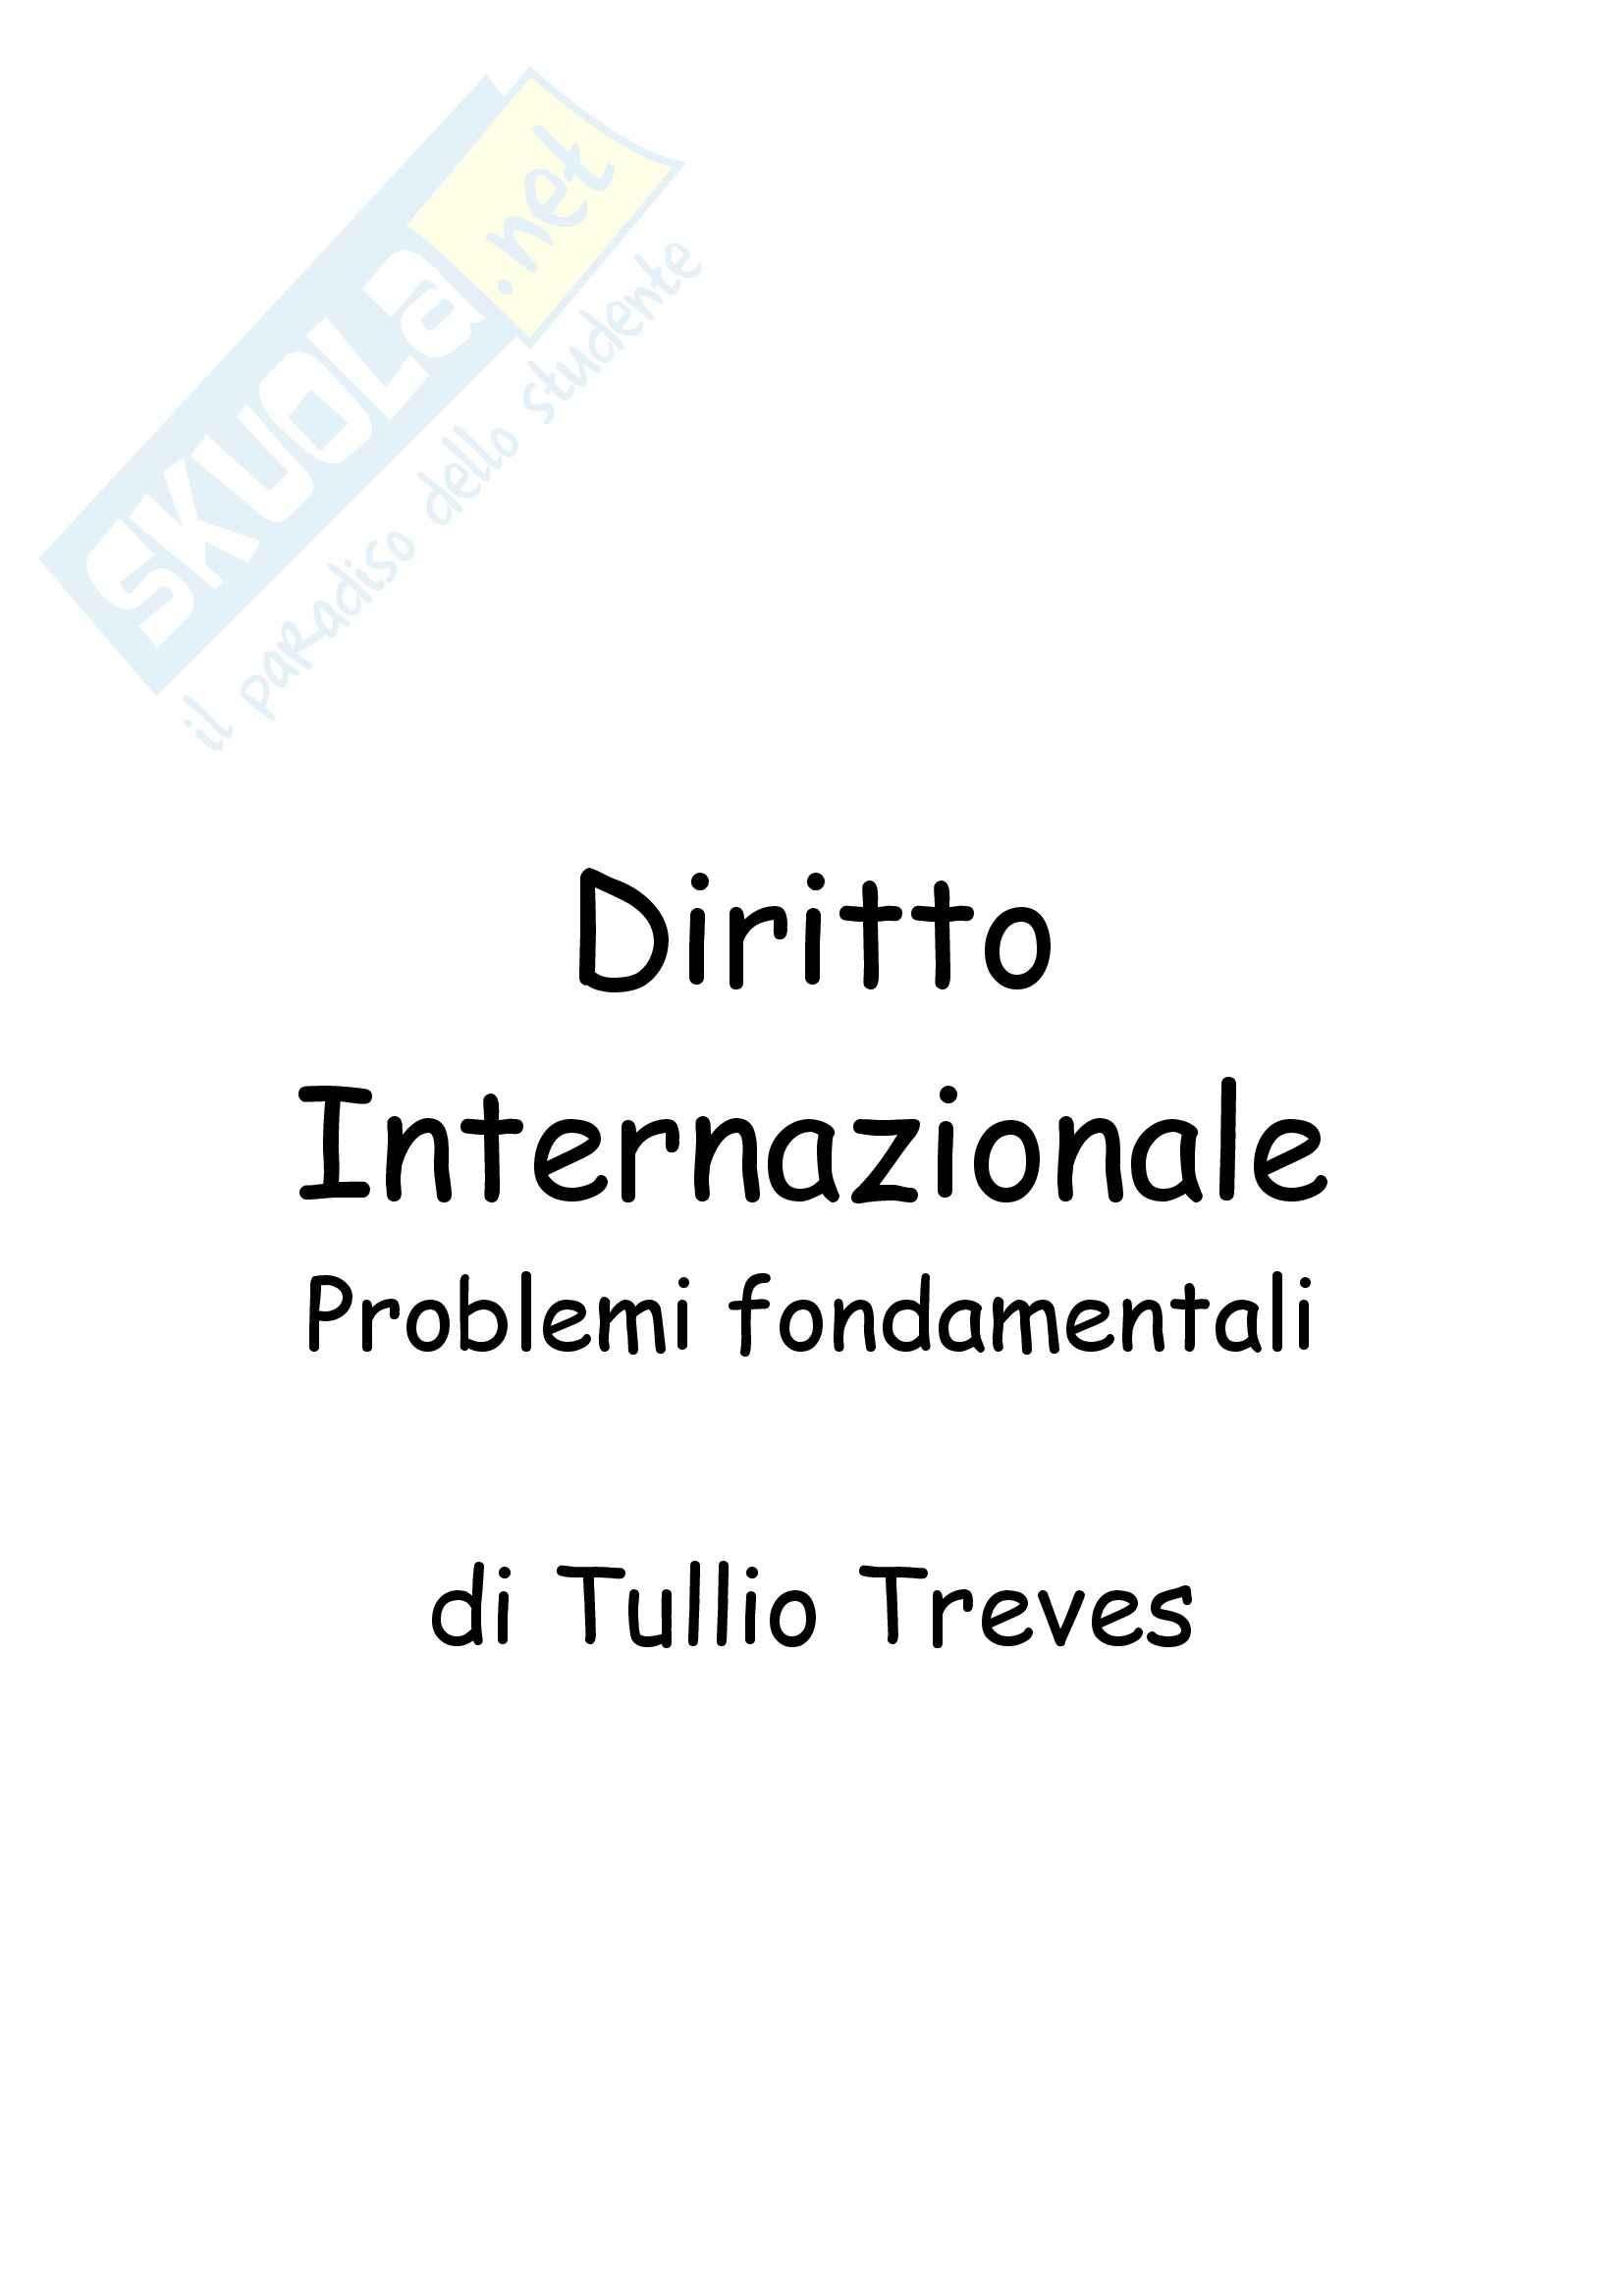 Diritto internazionale - problemi fondamentali